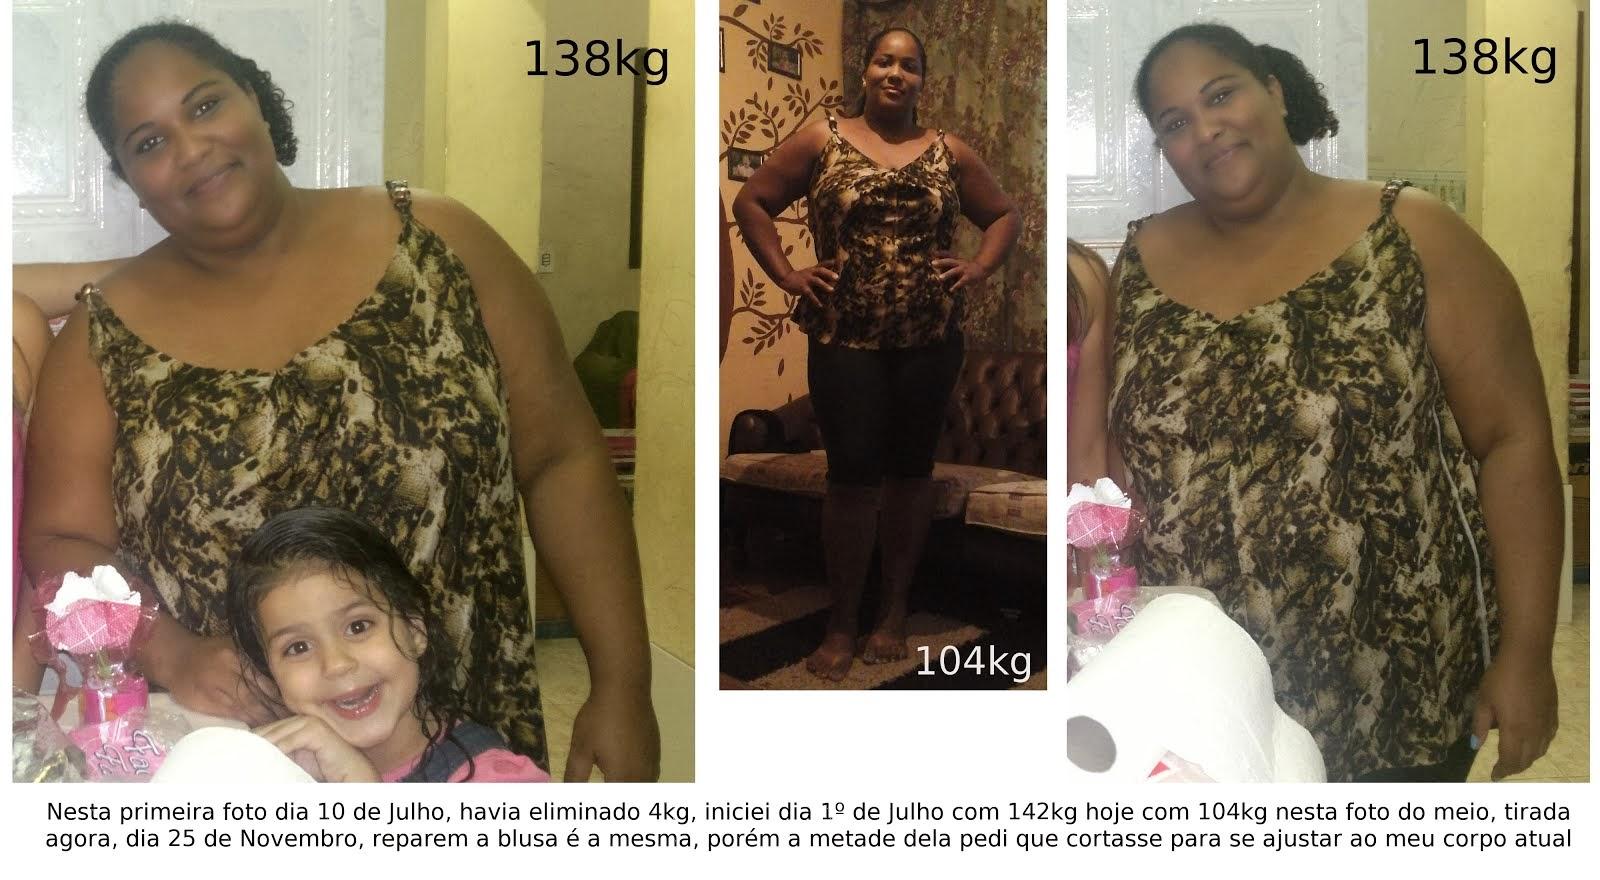 38 kg off